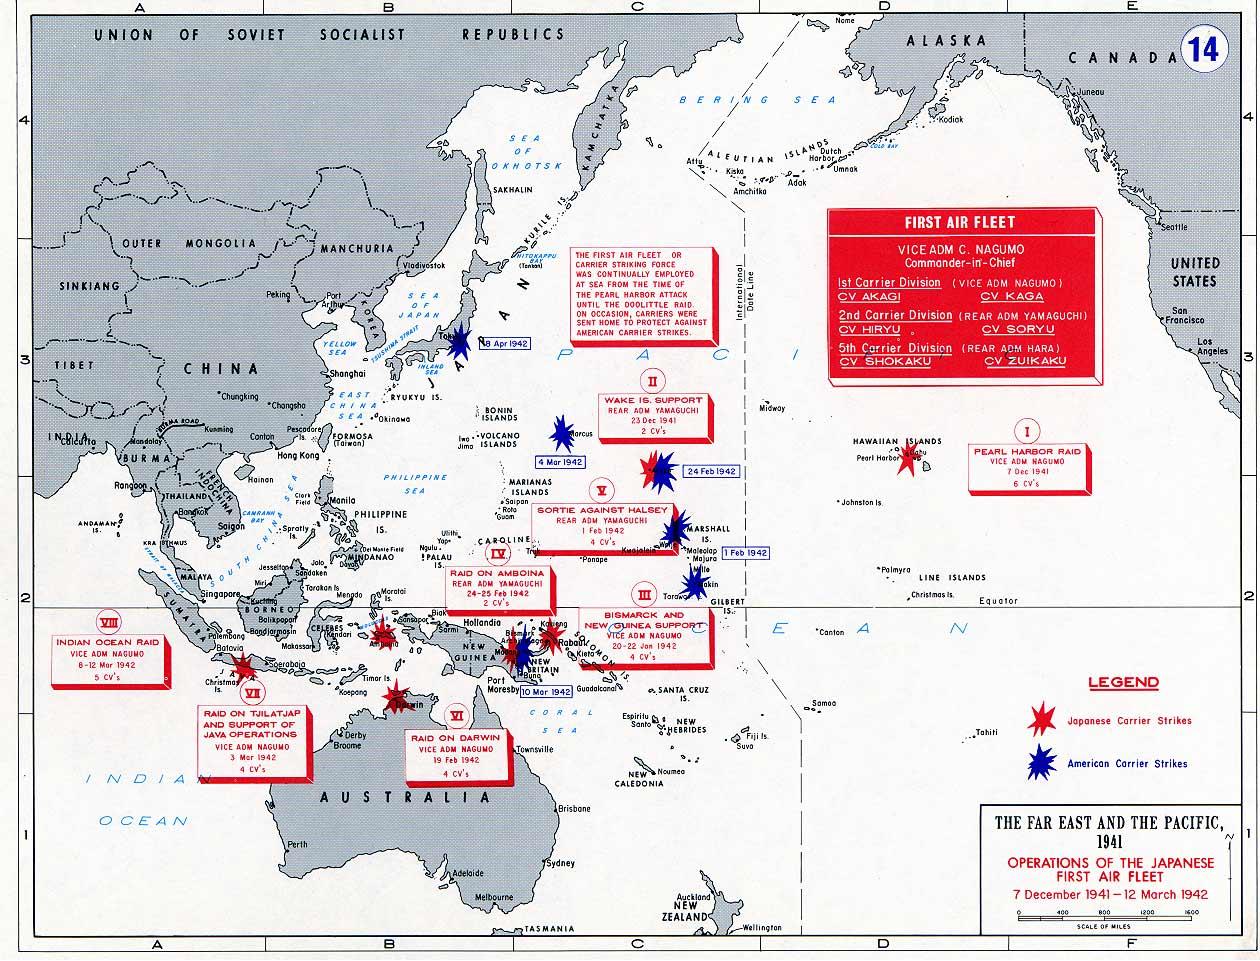 Operaciones de portaaviones japoneses 1941-42